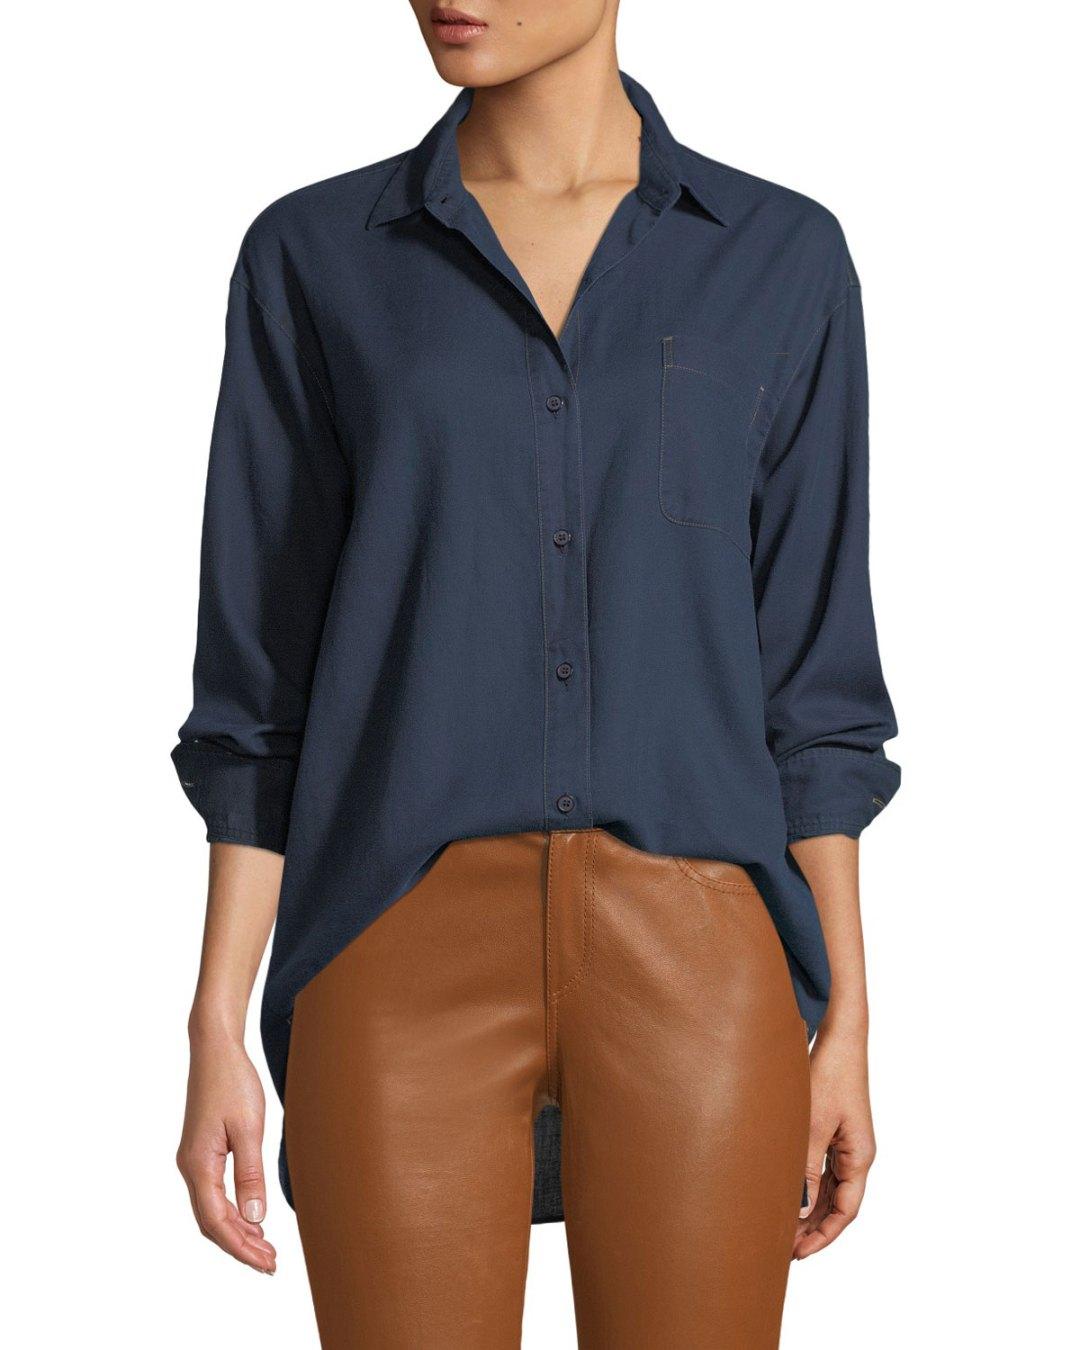 19c77c6953b Neiman Marcus – Everson Nocturnal Cotton Pocket Blouse –  388.00